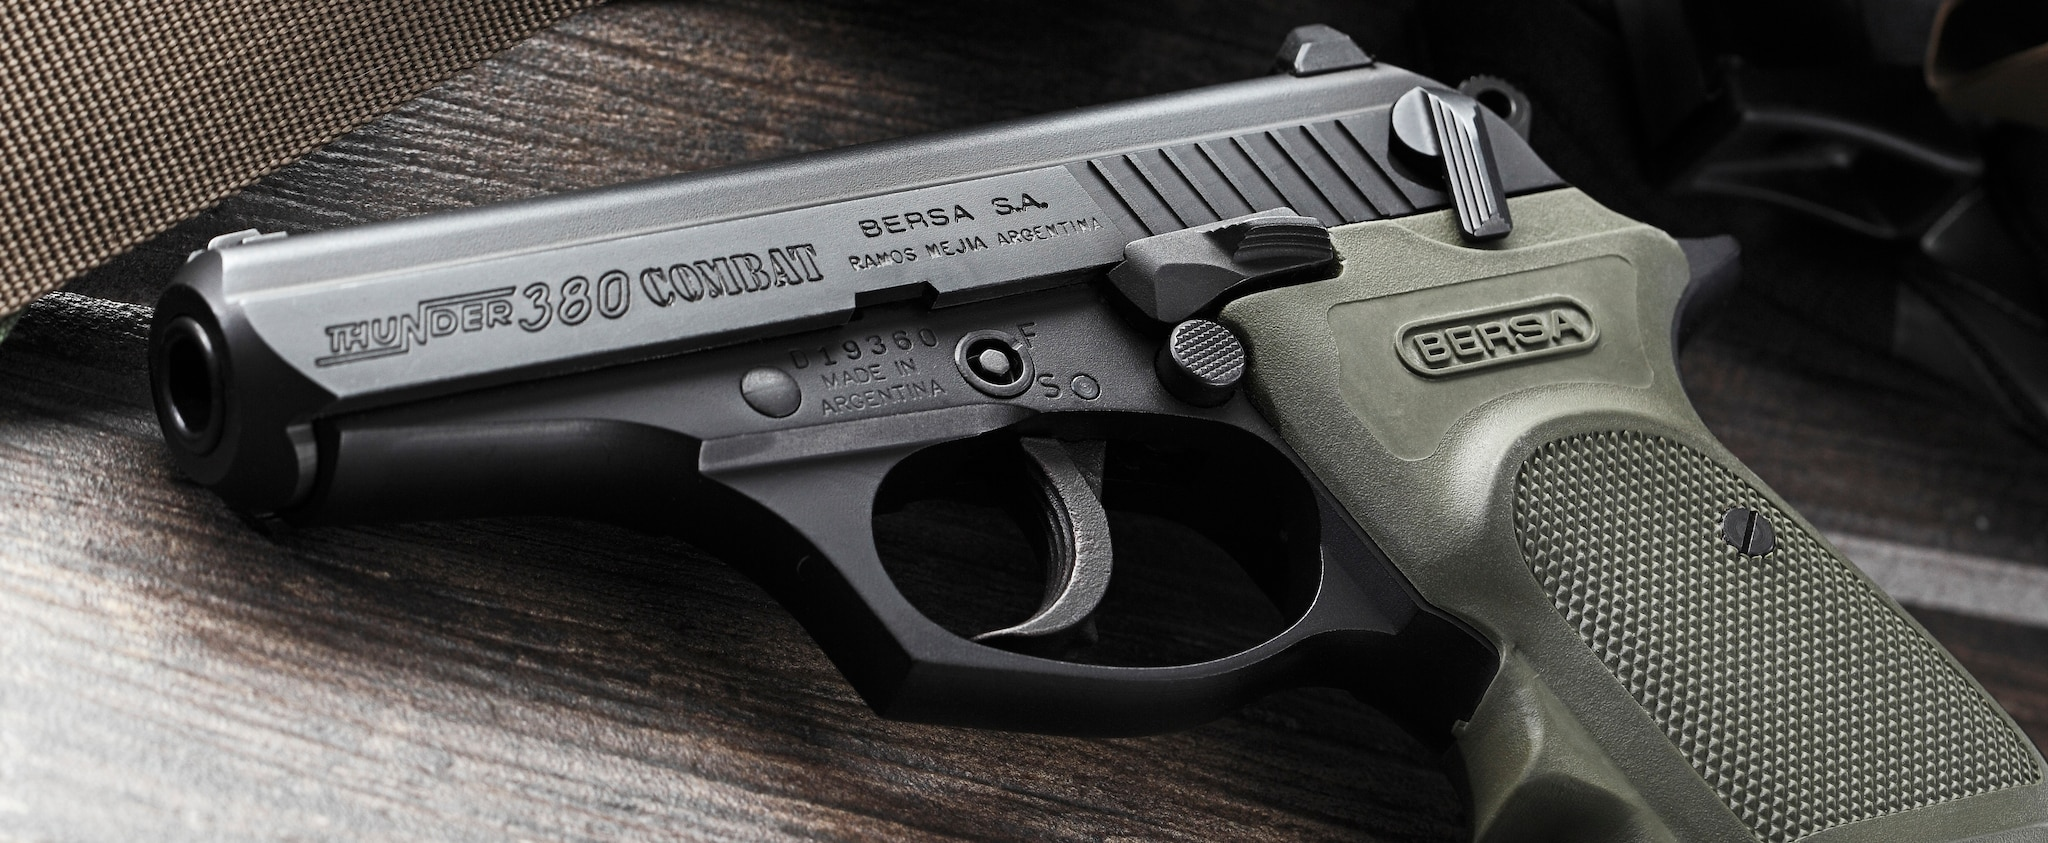 Bersa Handgun closeup